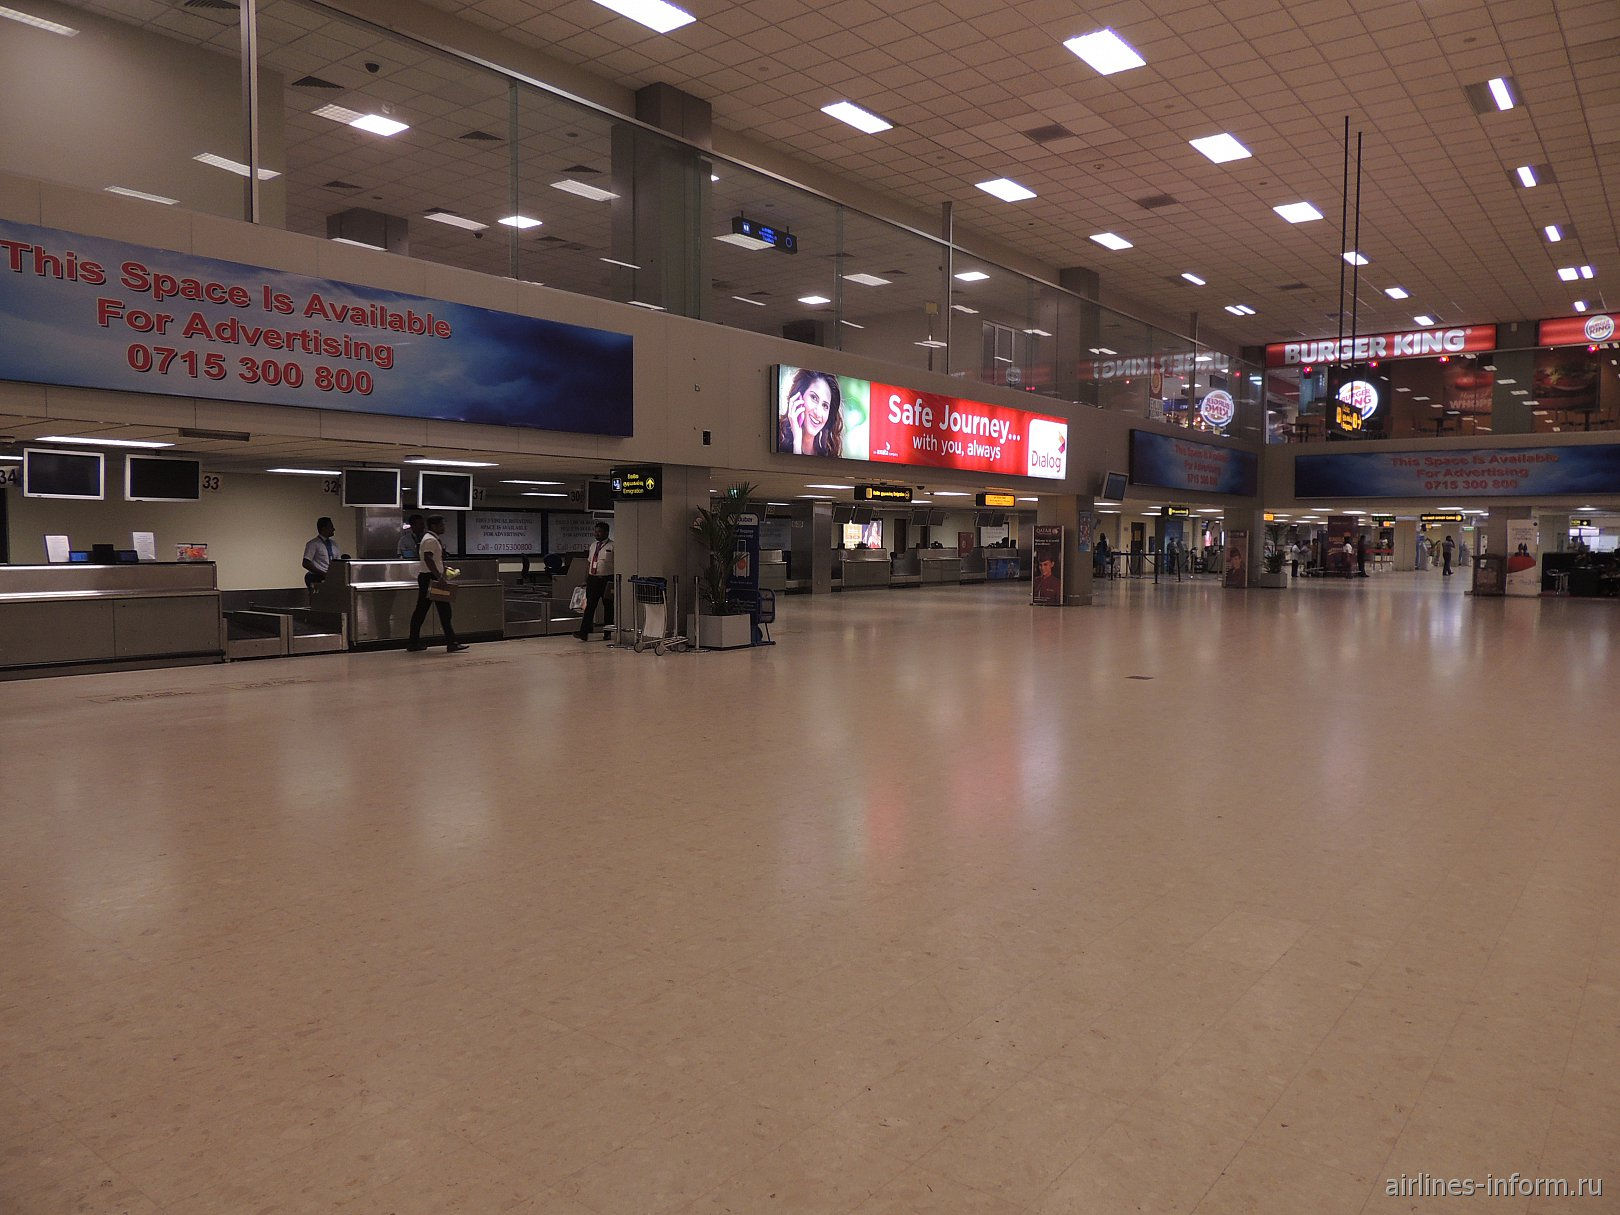 Зал регистрации в аэропорту Коломбо Бандаранайке